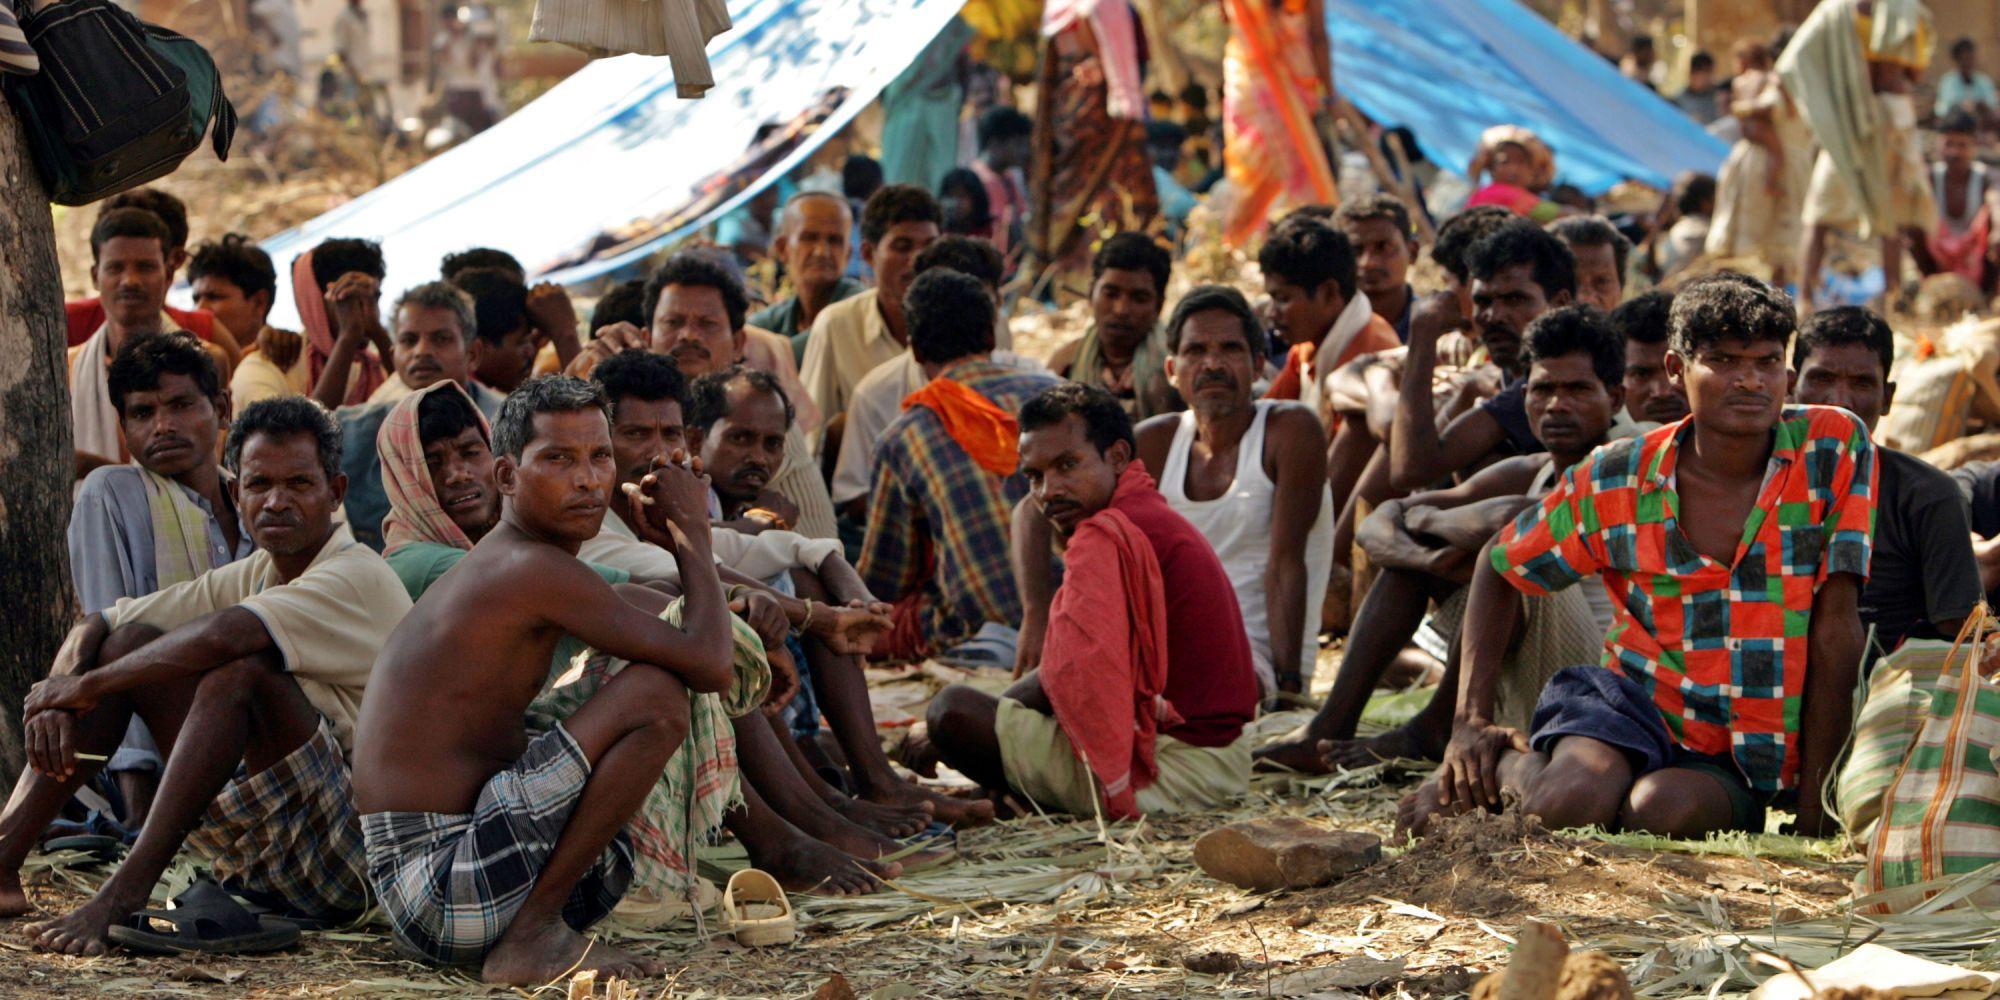 ہندوستان میں چھتیس گڑھ کے دھارباگڑا میں ایک کیمپ میں بیٹھے آدیواسی۔ (فائل فوٹو : رائٹرس)